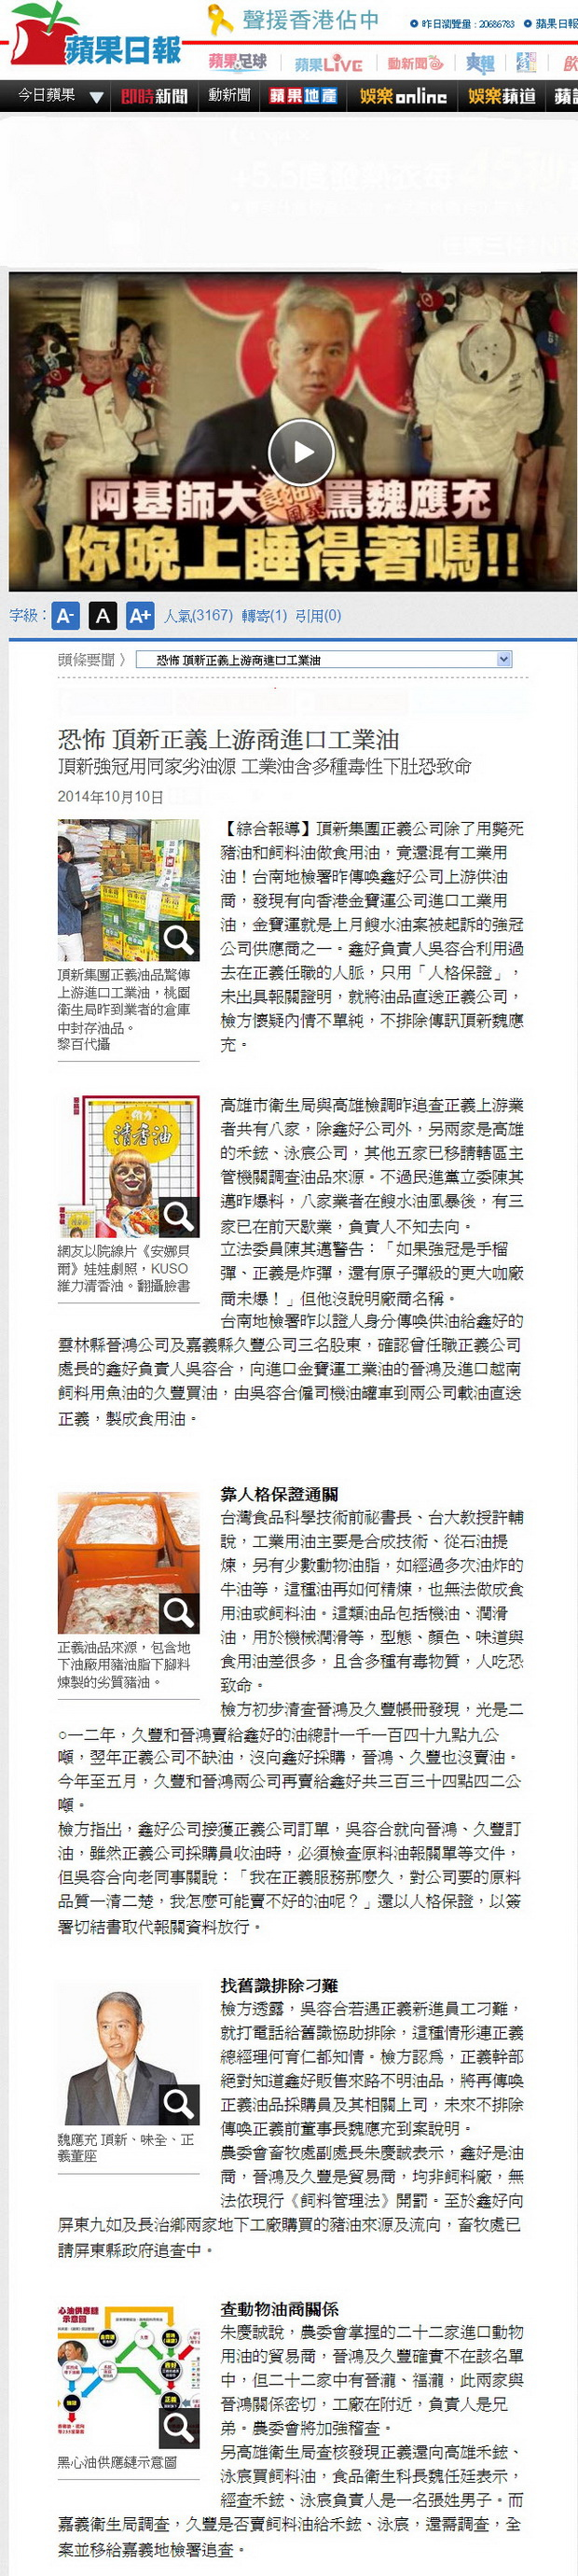 恐怖 頂新正義上游商進口工業油-2014.10.10.jpg